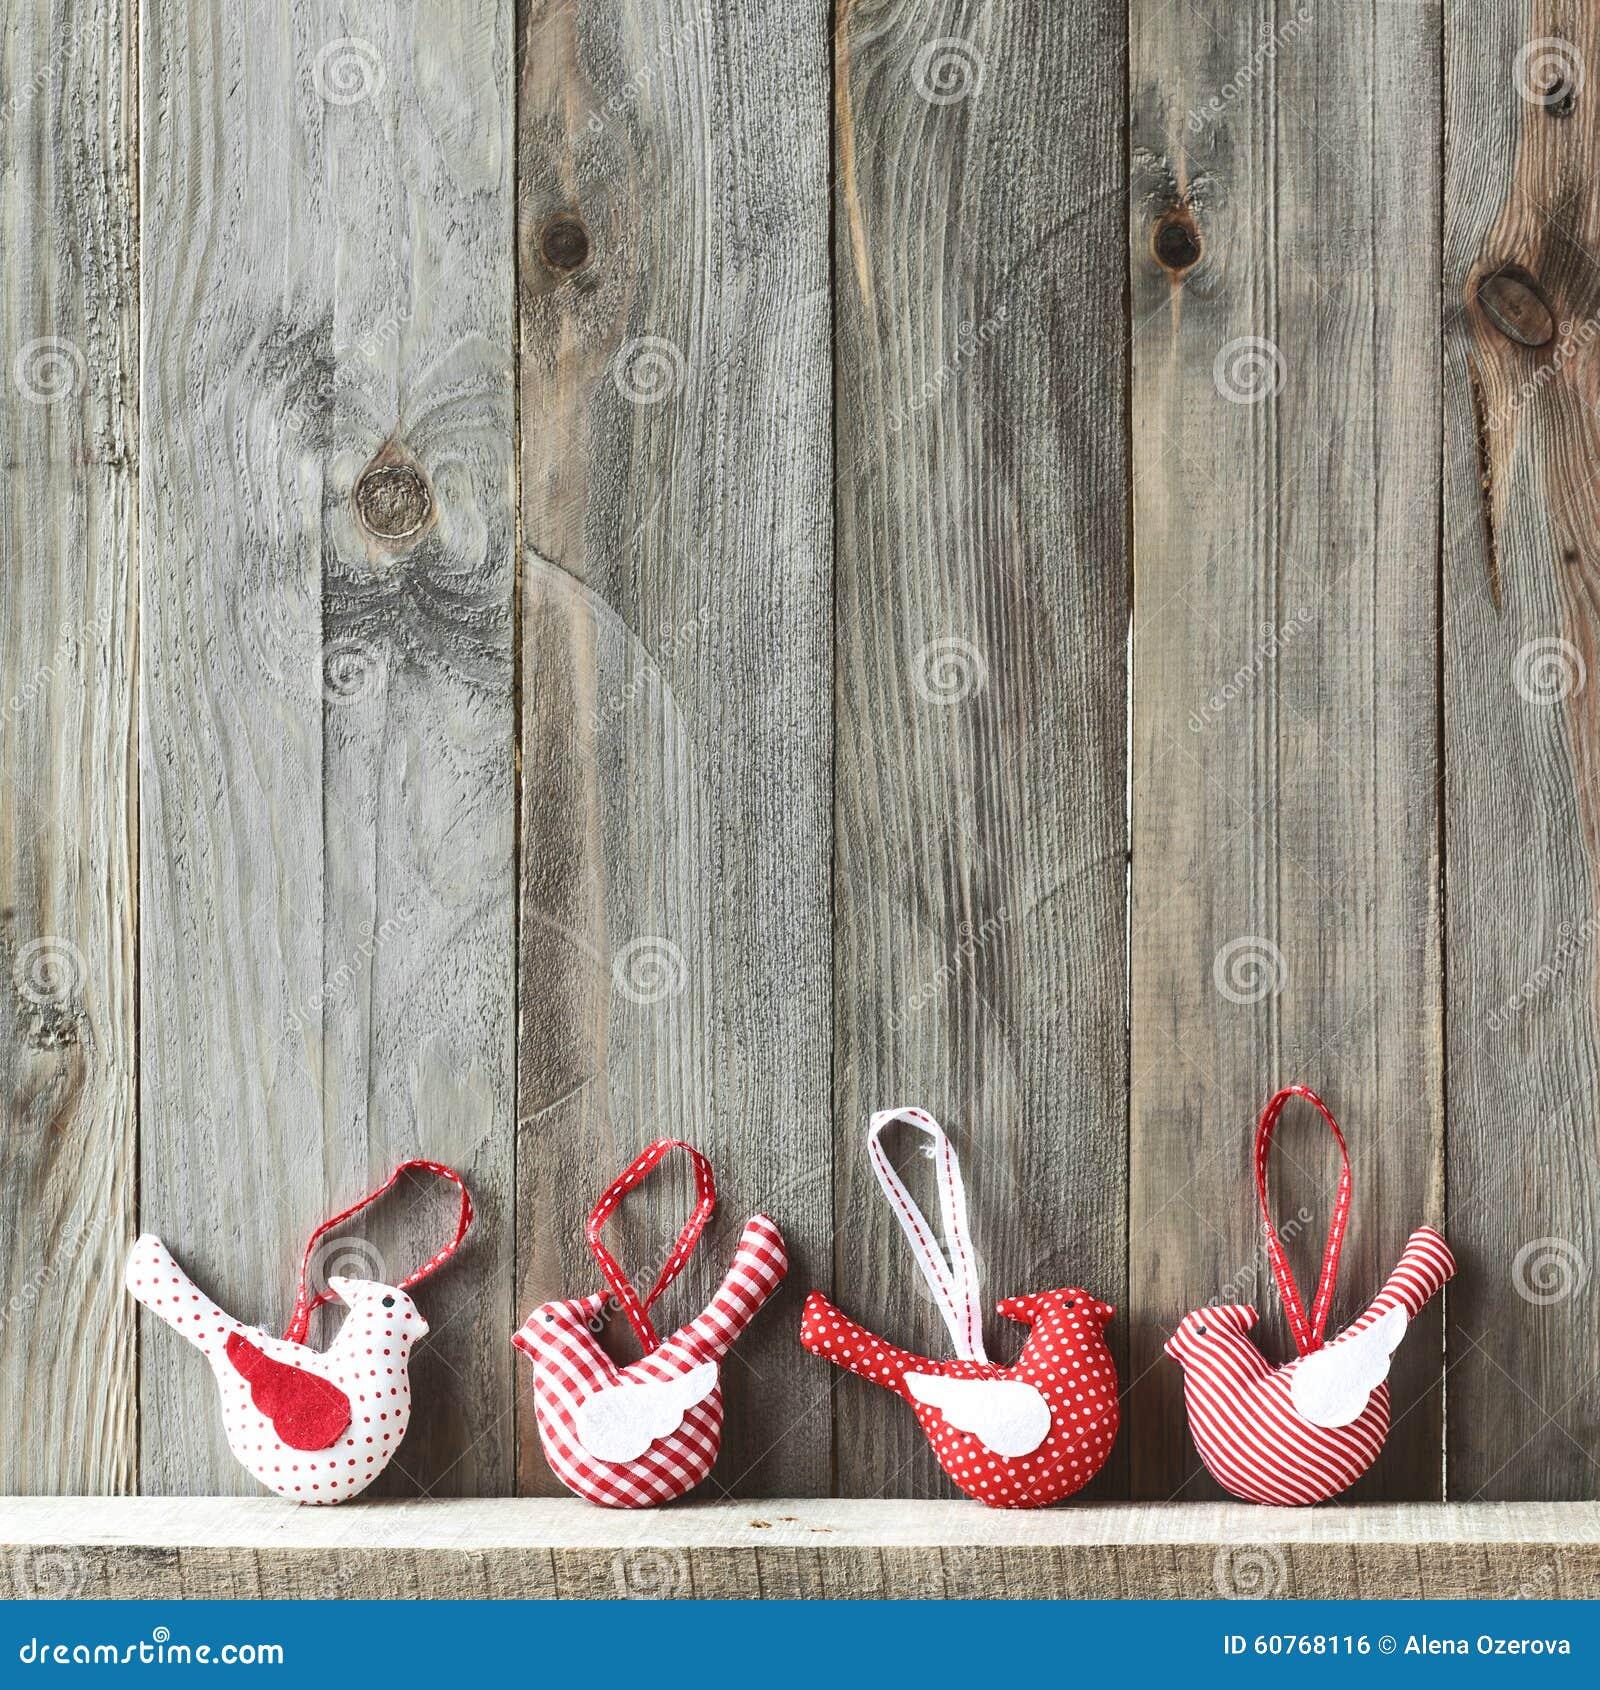 Christmas Home Decor Stock Photo Image 60768116